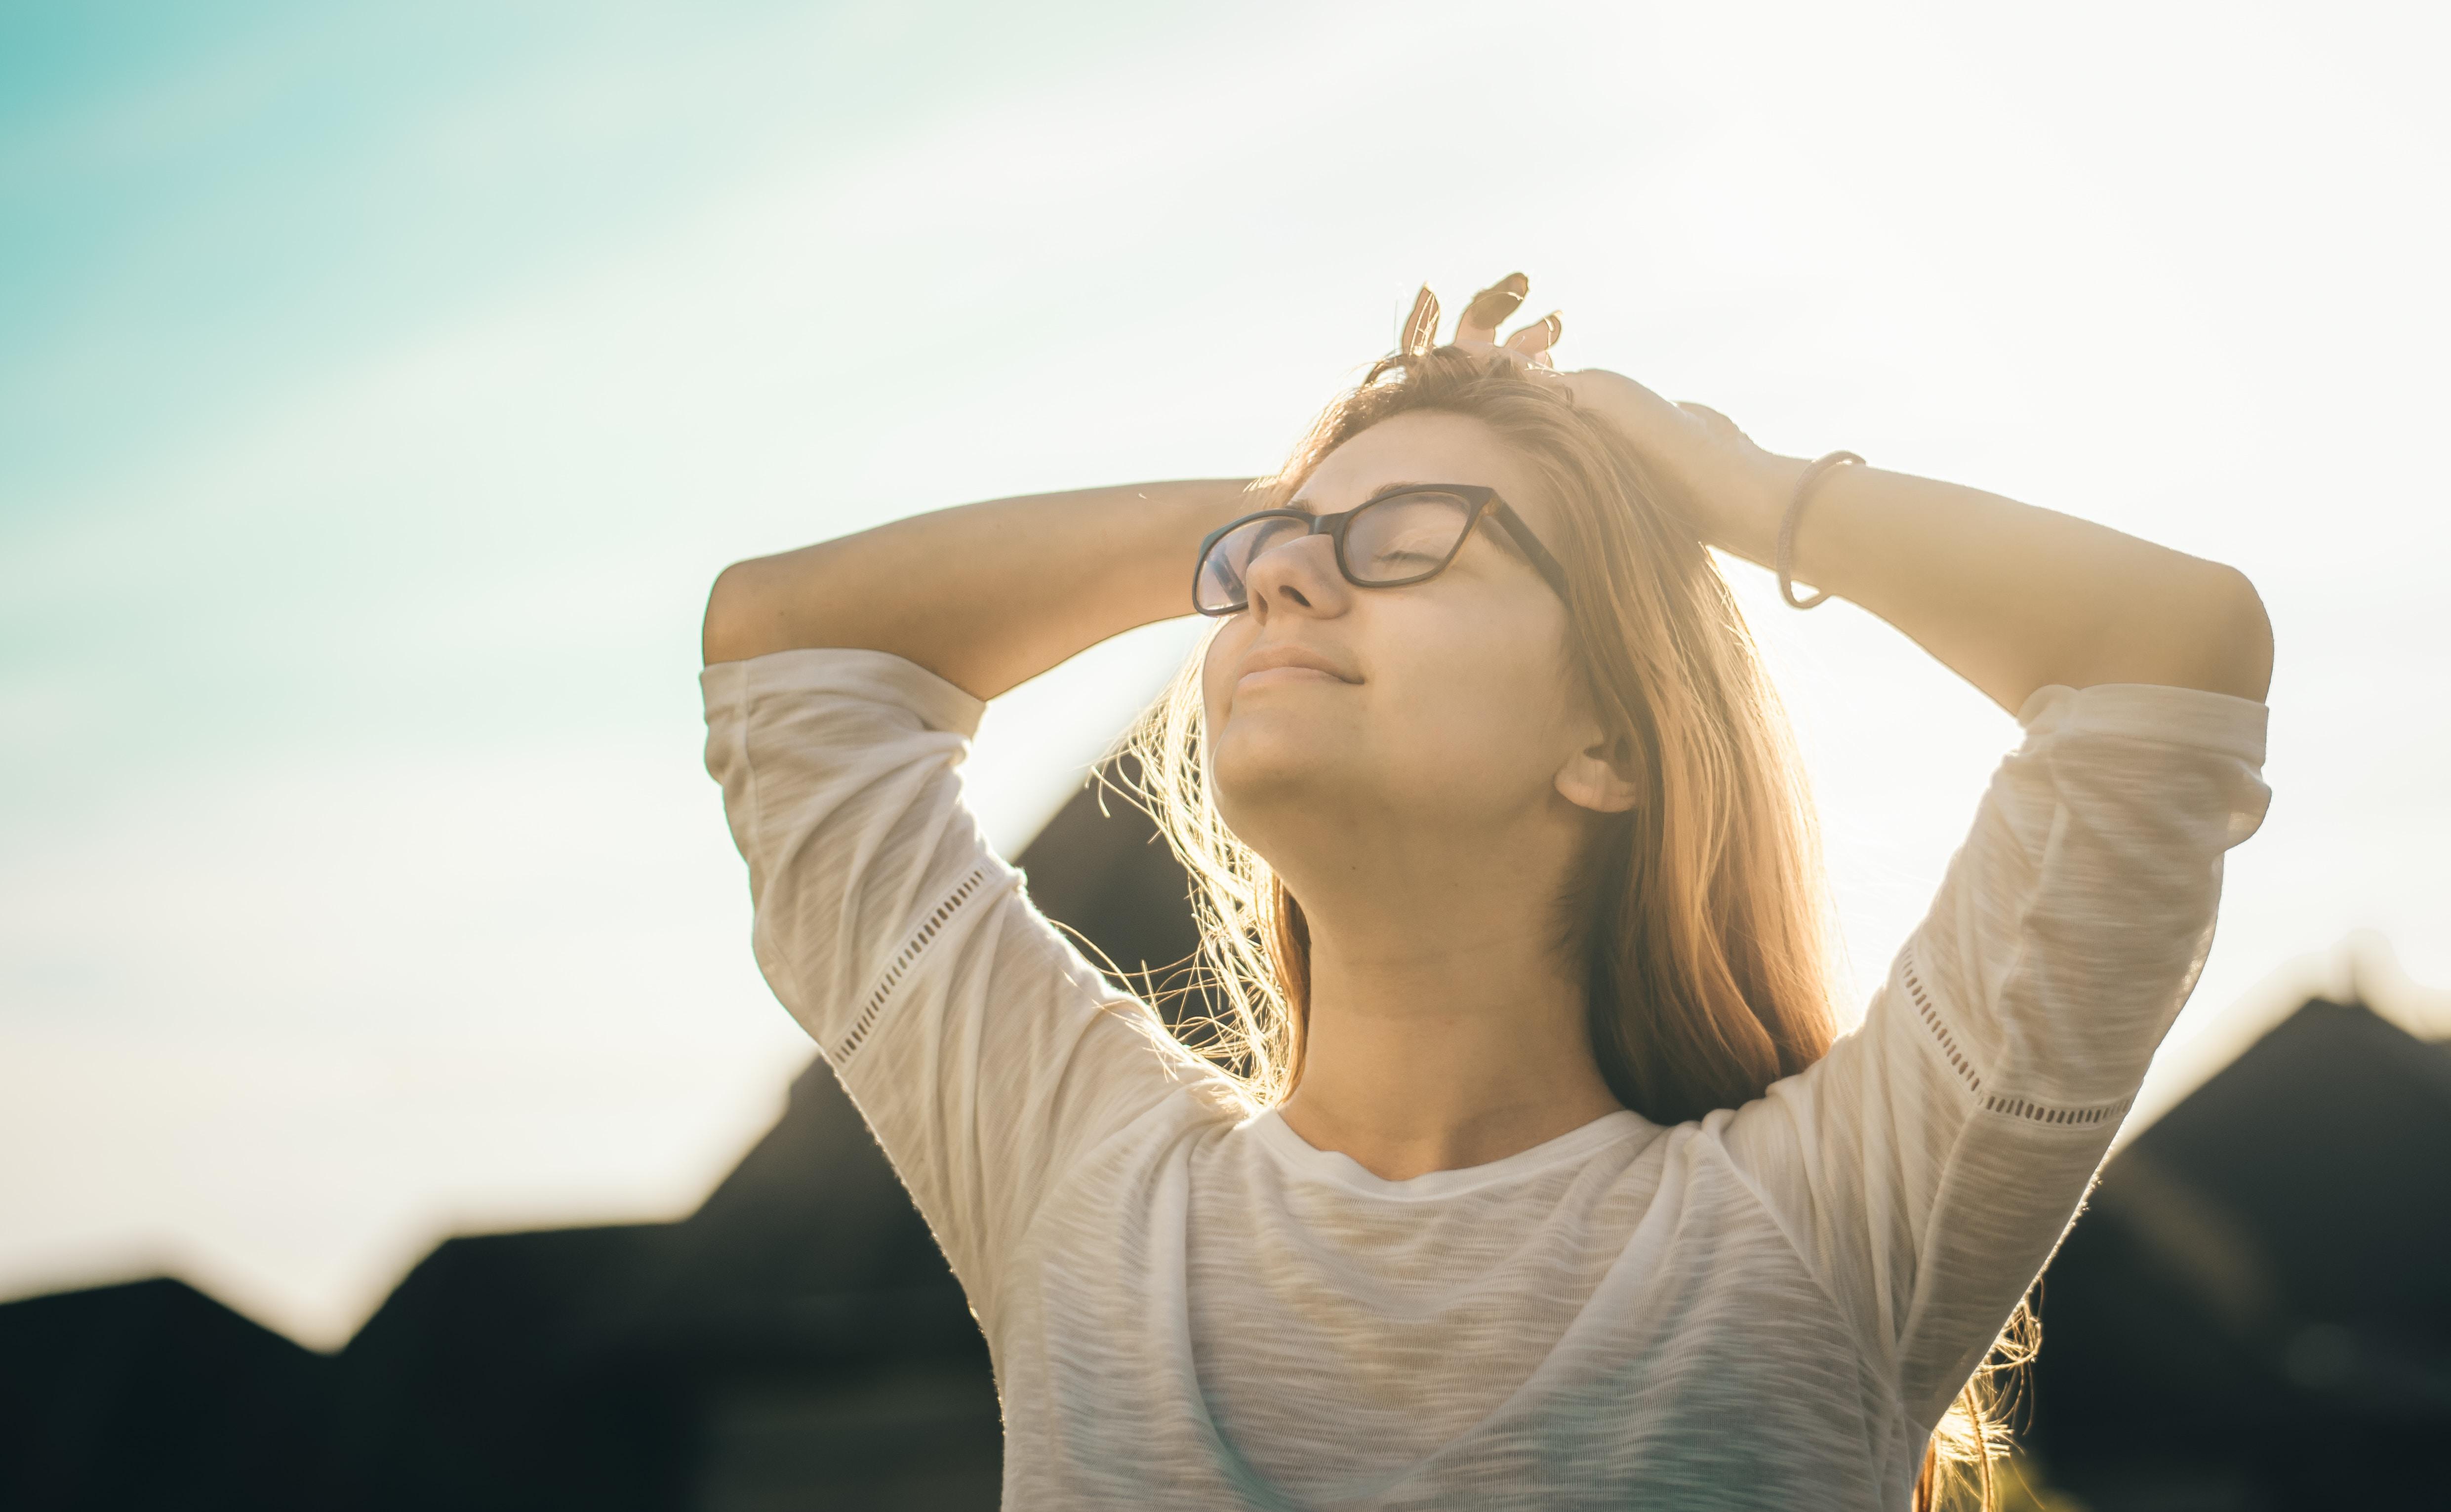 Una de las ventajas del mindfulness: el autoconocimiento